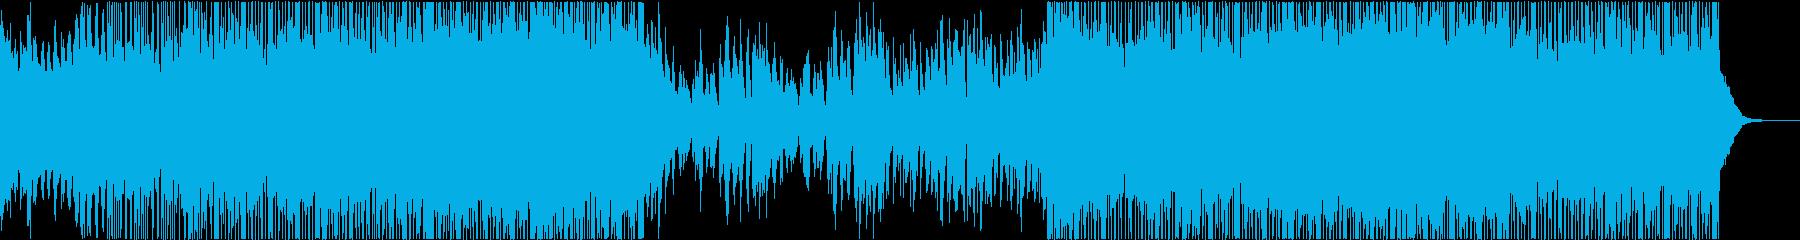 和風 シリアス 琴 和楽器 ダブステップの再生済みの波形